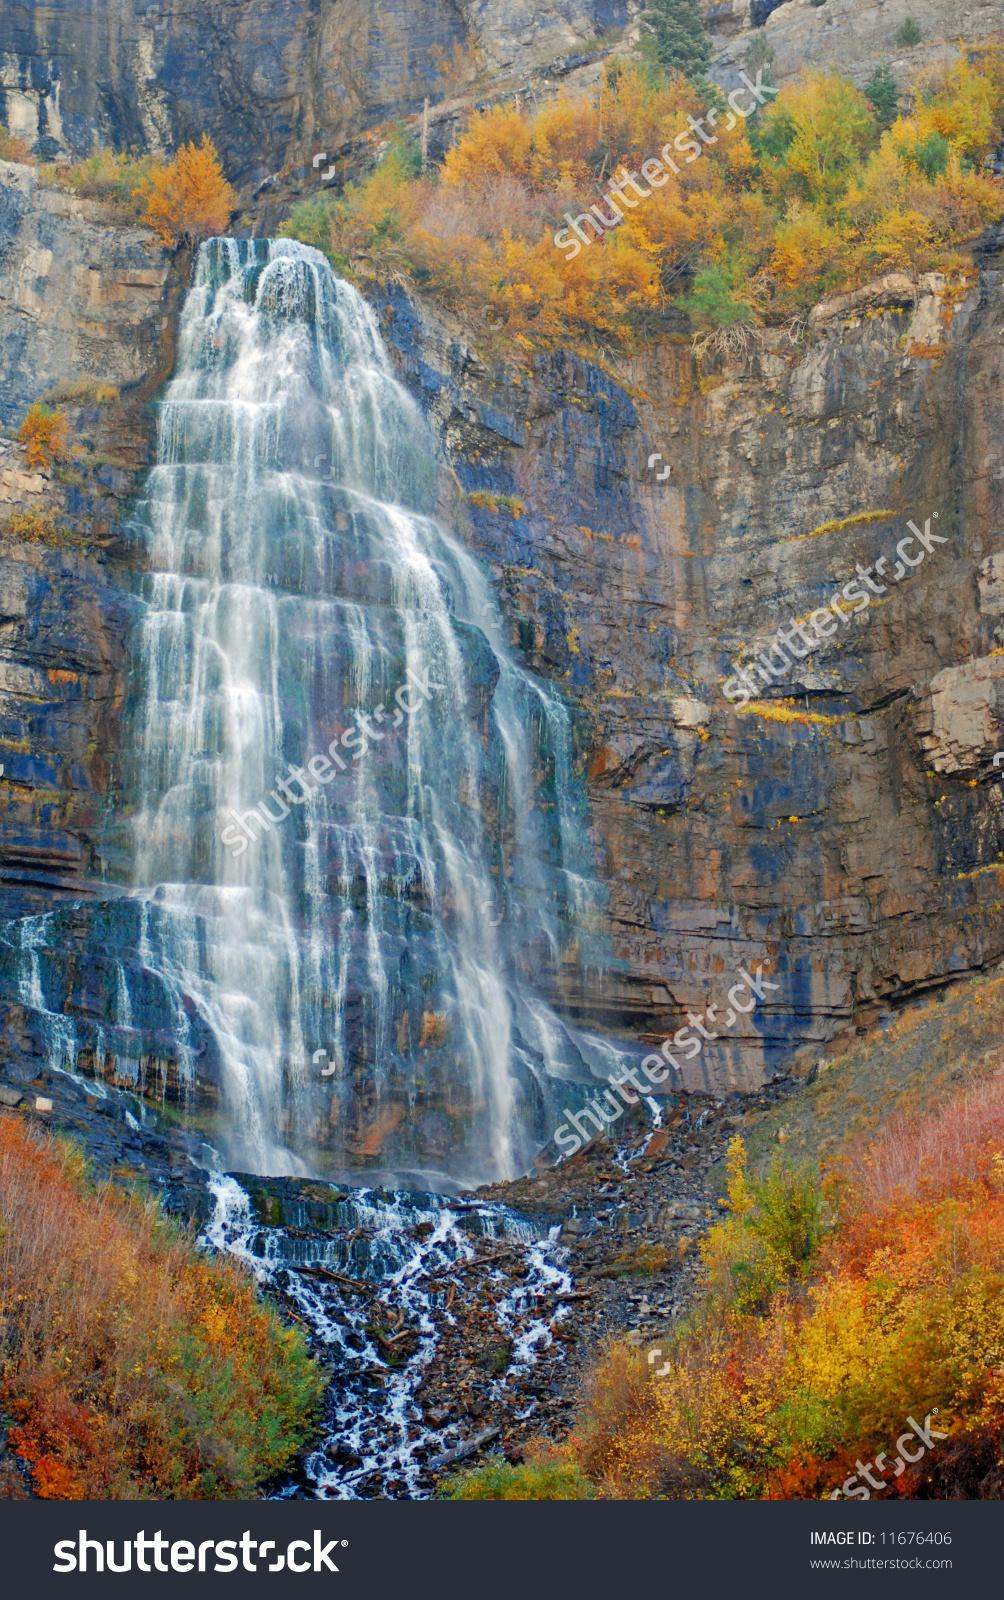 Bridal Veil Falls Provo Canyon Utah Stock Photo 11676406.